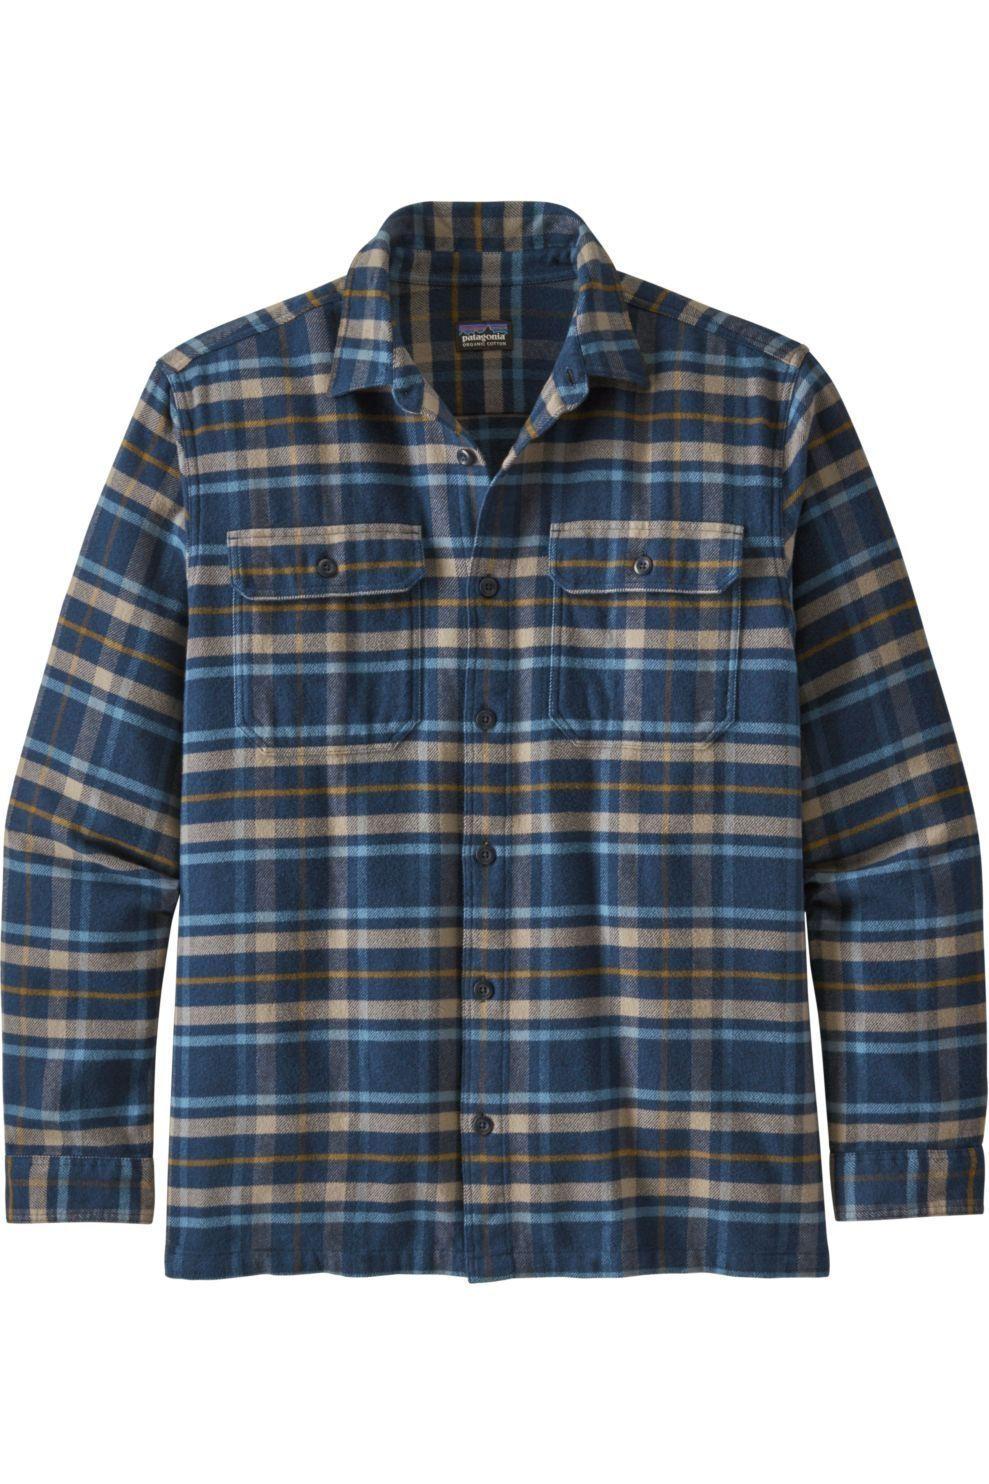 Patagonia Hemd Fjord Flannel voor heren - Blauw/Gemengd - Maten: XS, S, M, L